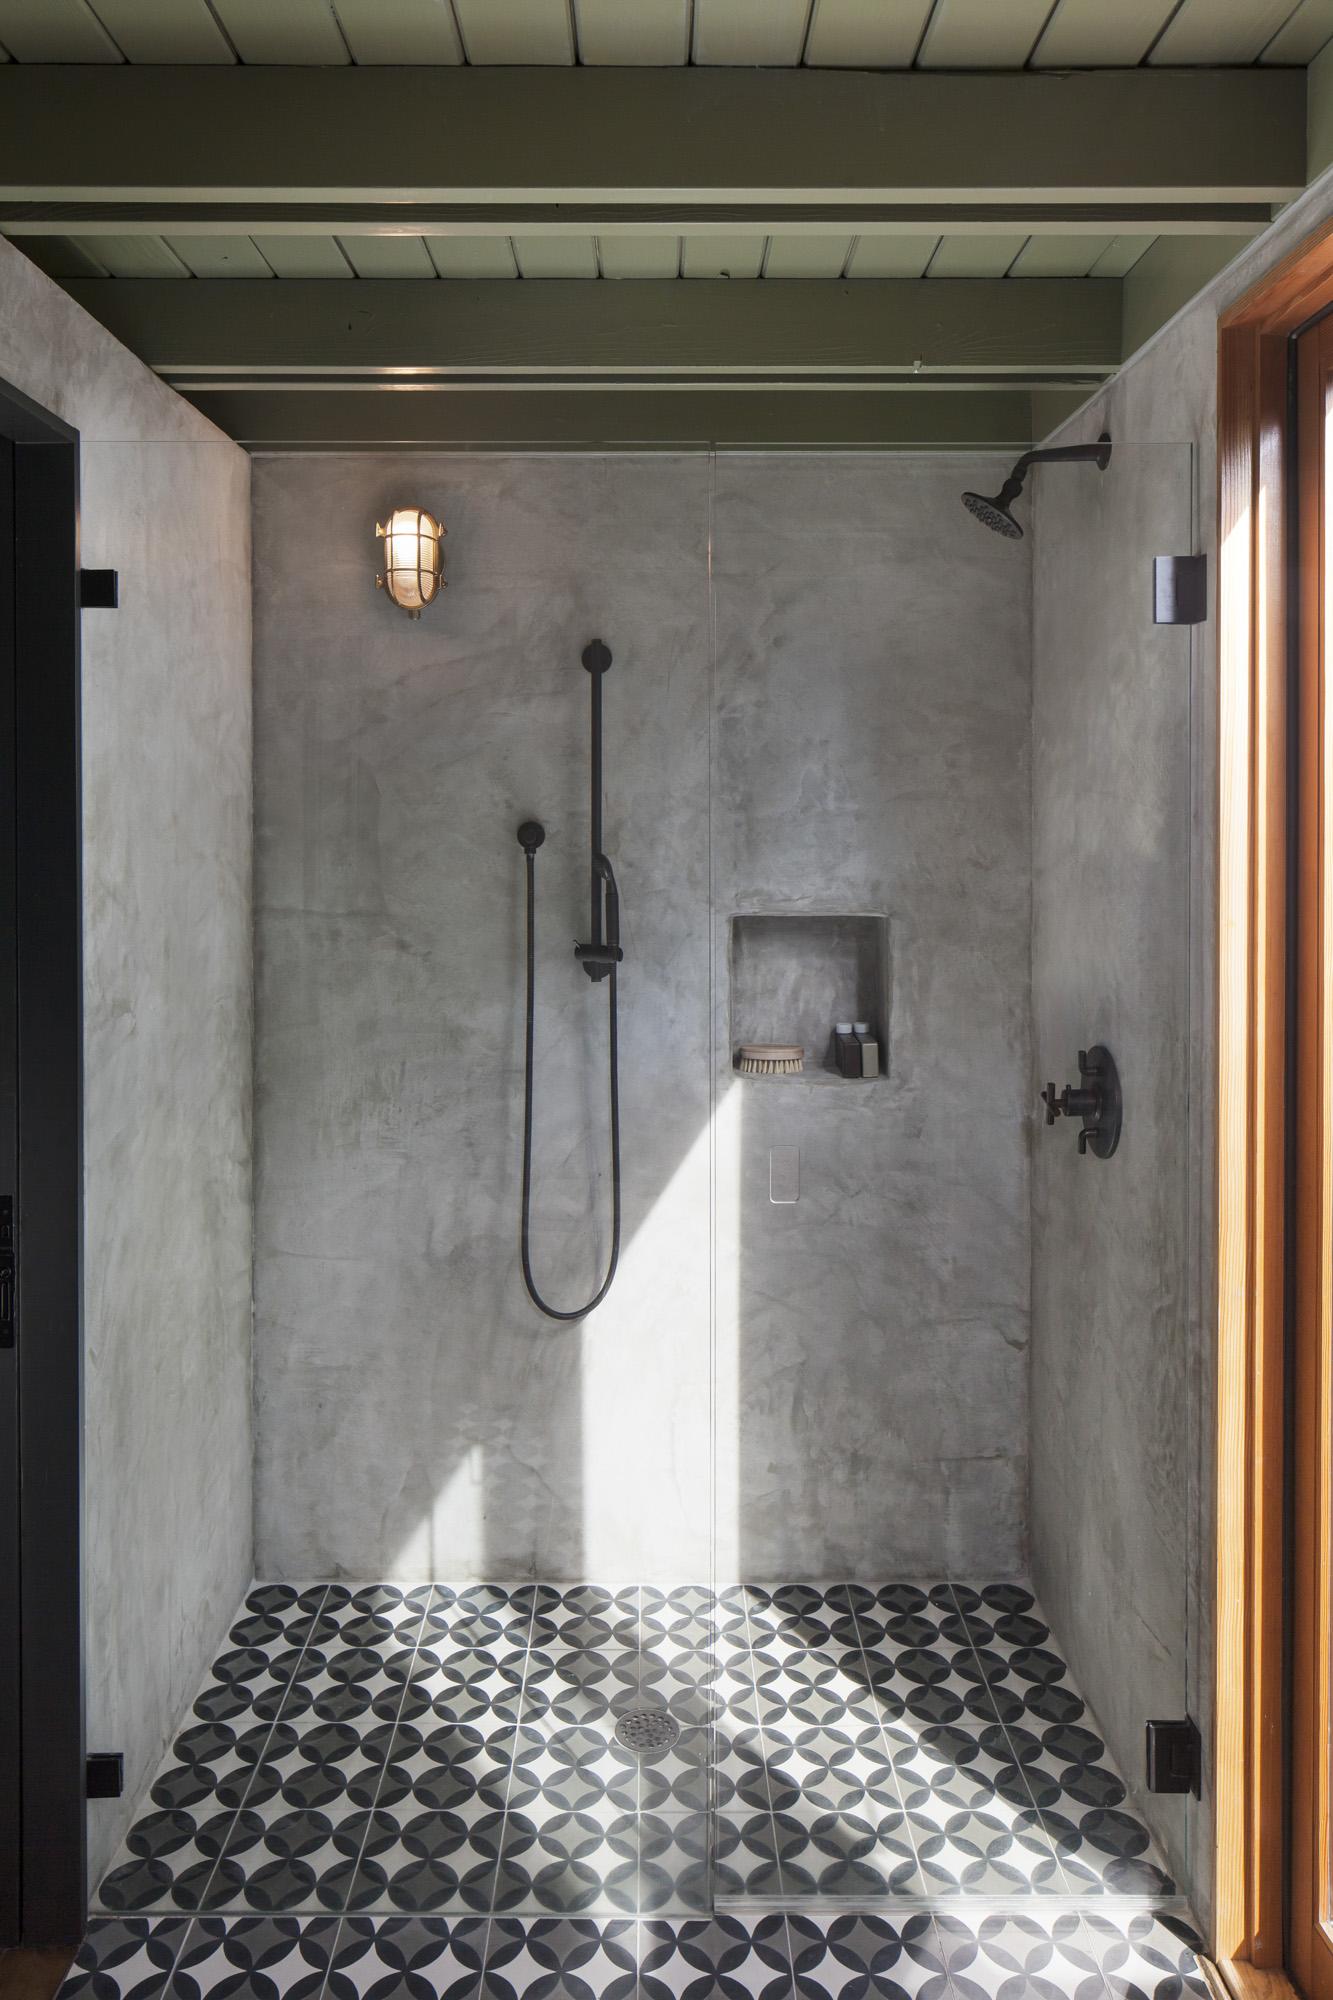 Elizabeth-Baird-Architecture-Garner Pool and Casita- casita bathroom shower.jpg